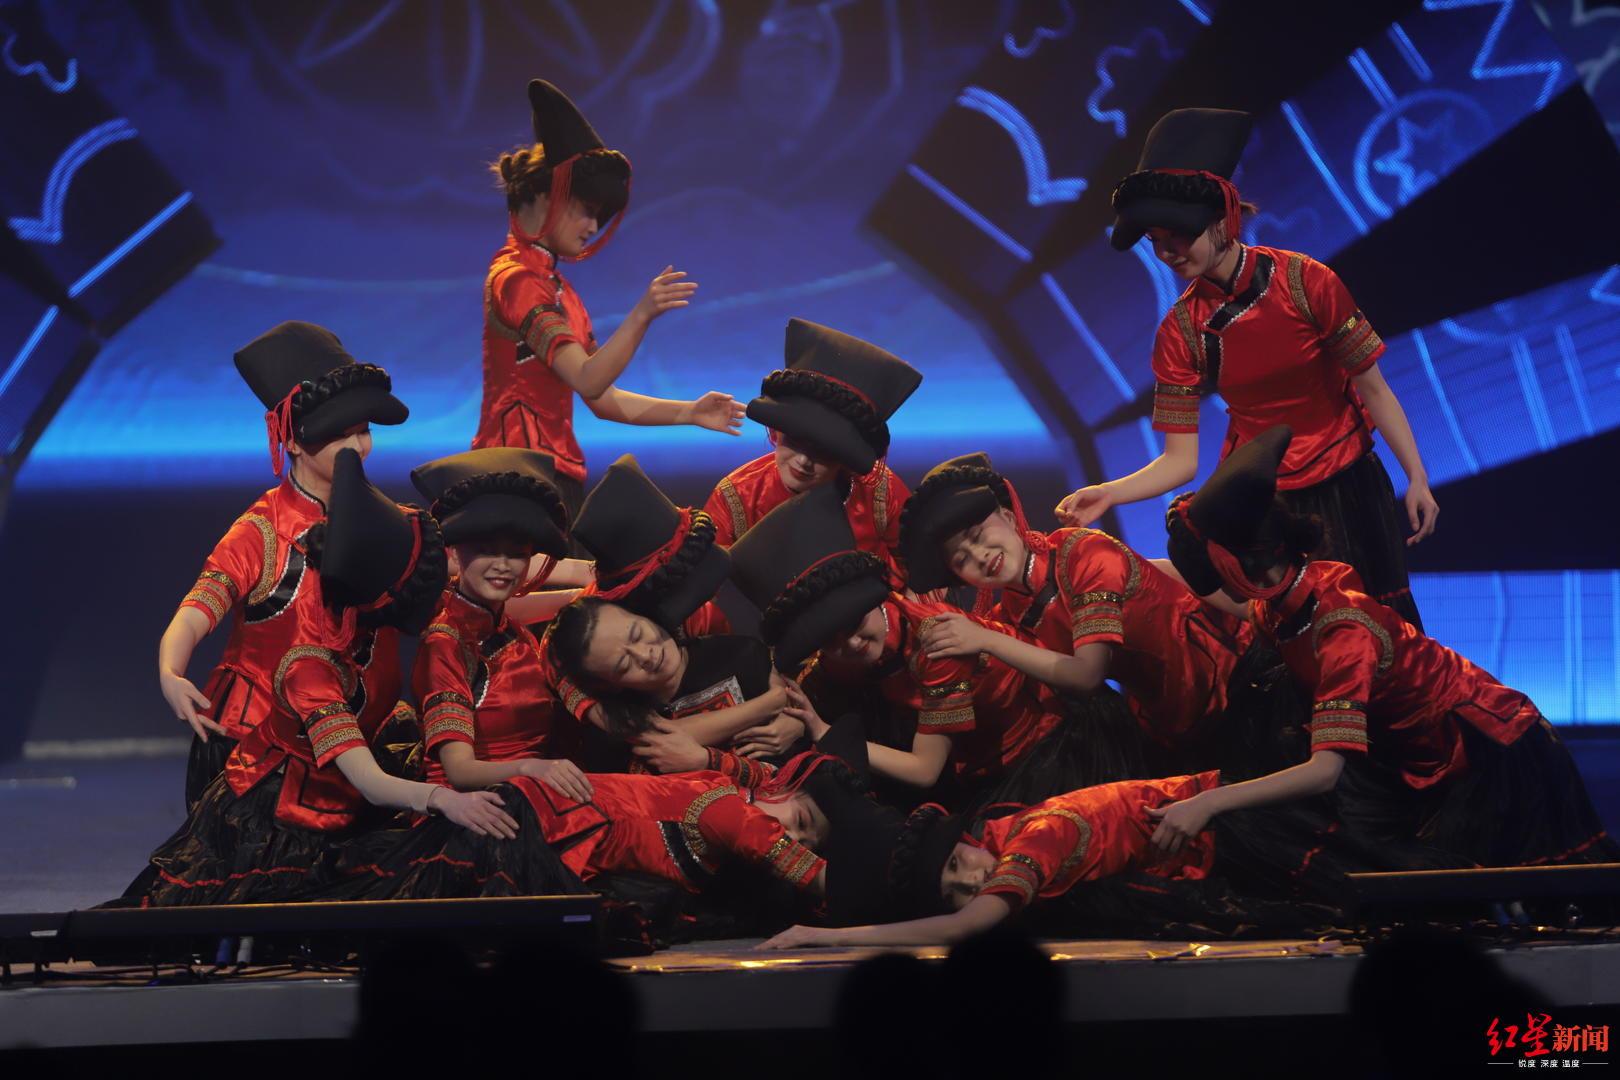 三国演义动画成都平原经济区春晚上演 1月19日晚